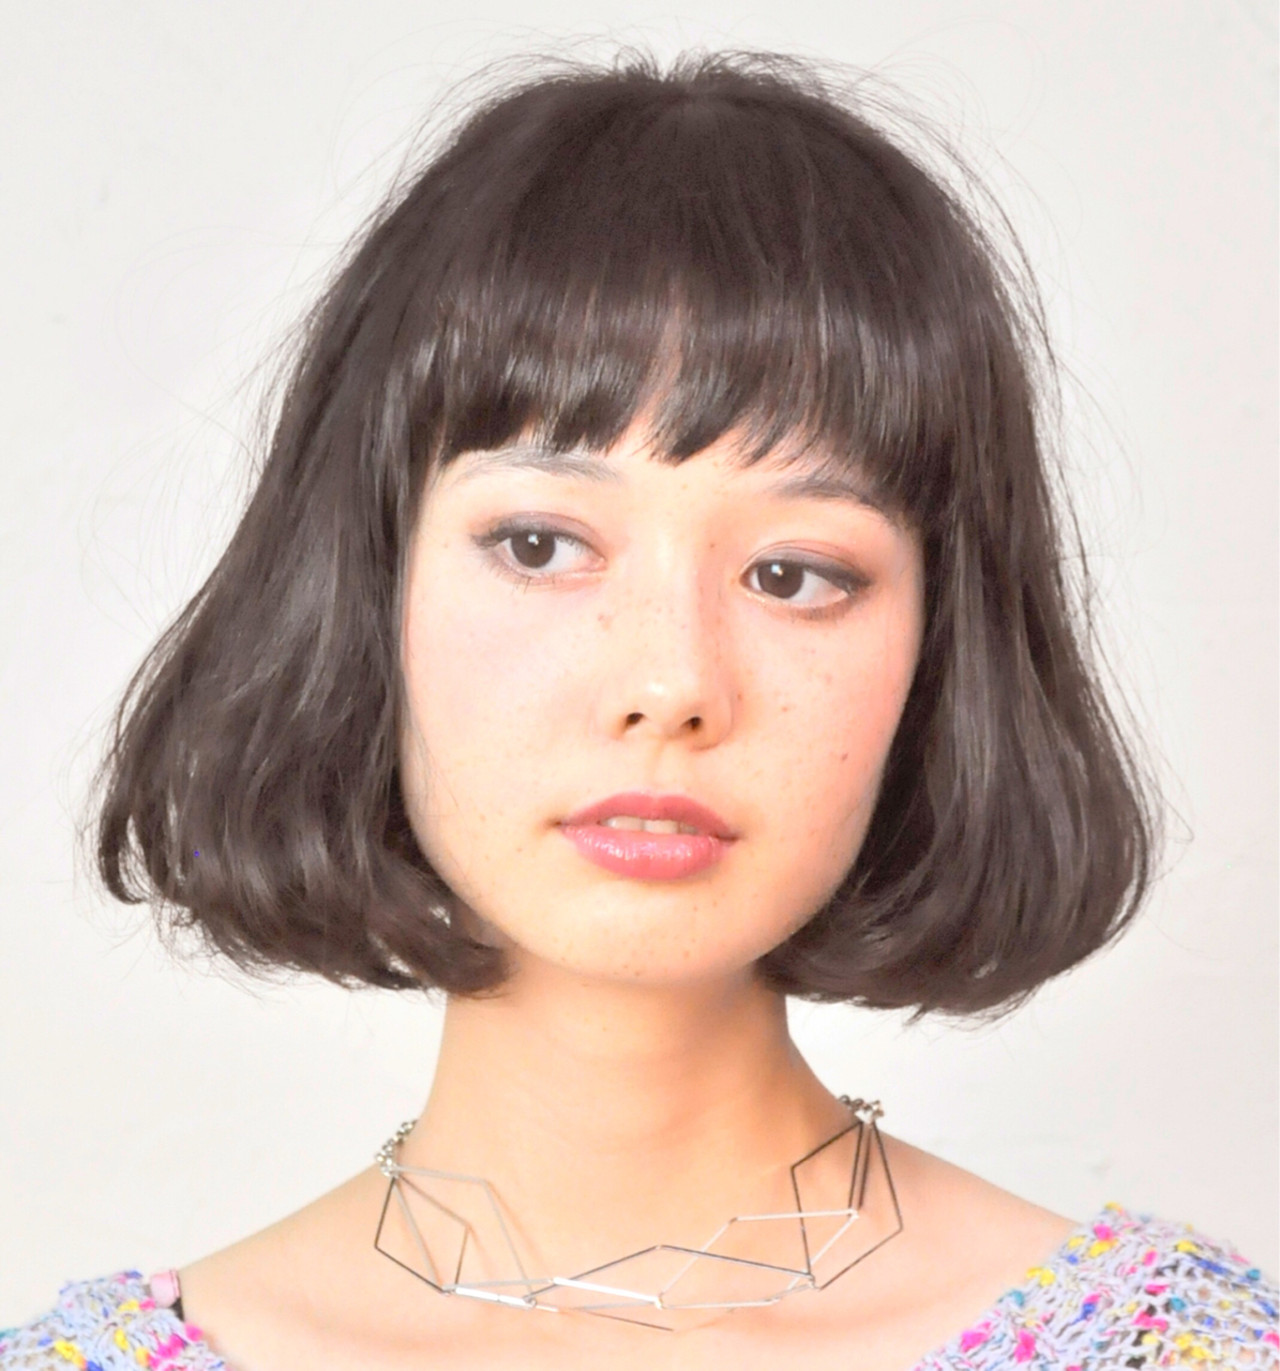 パサパサ髪からツヤを取り戻したい。髪の若返りポイントを大公開! blast